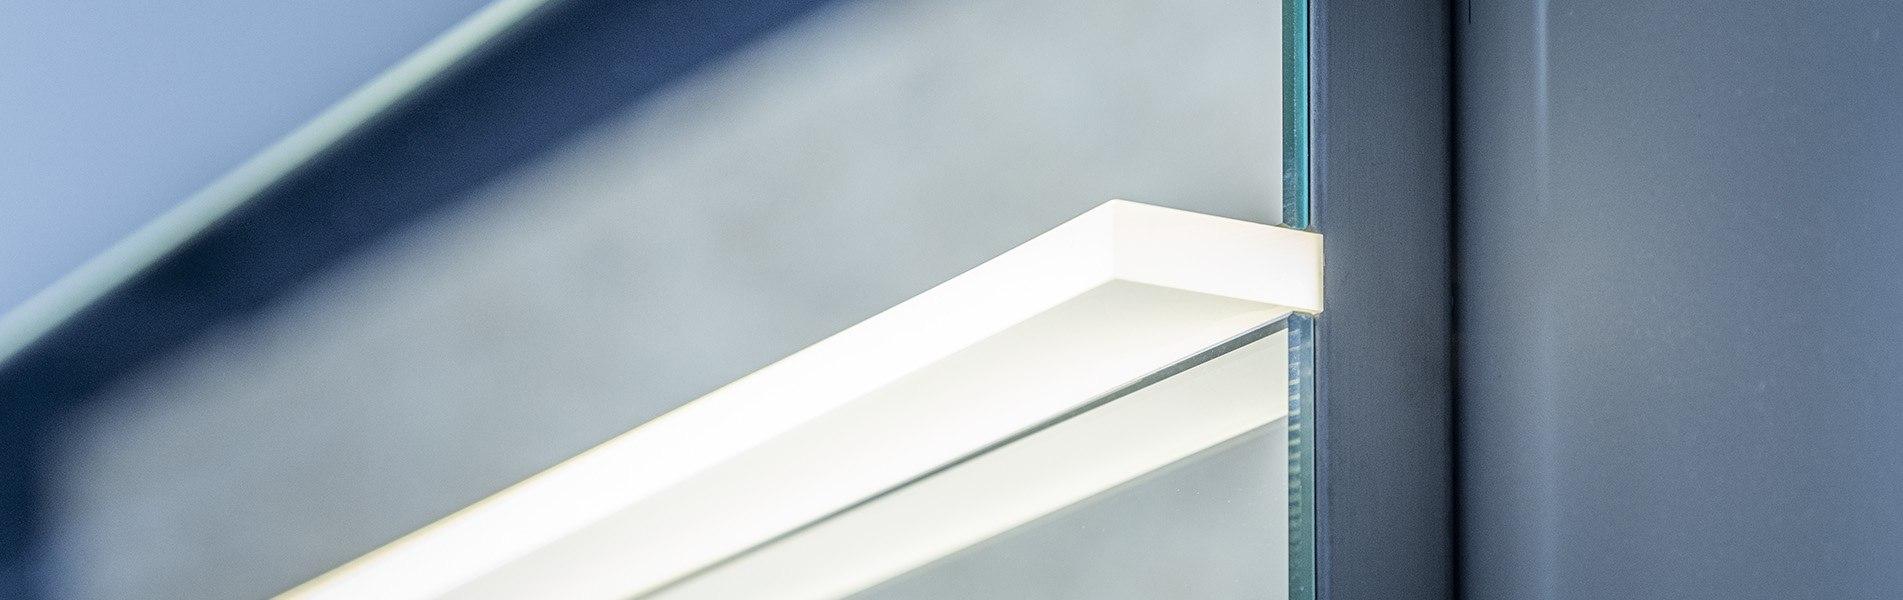 Badkamer spiegel met LED verlichting. B Dutch heeft een mooi design programma spiegels voor badkamers. Grote en kleine spiegels, rechthoekig en rond. De badkamerspiegels hebben LED verlichting. Zoekt u een moderne badkamer spiegel met verlichting, kijk dan op onze site. We hebben badkamerspiegels met led verlichting in diverse afmetingen.